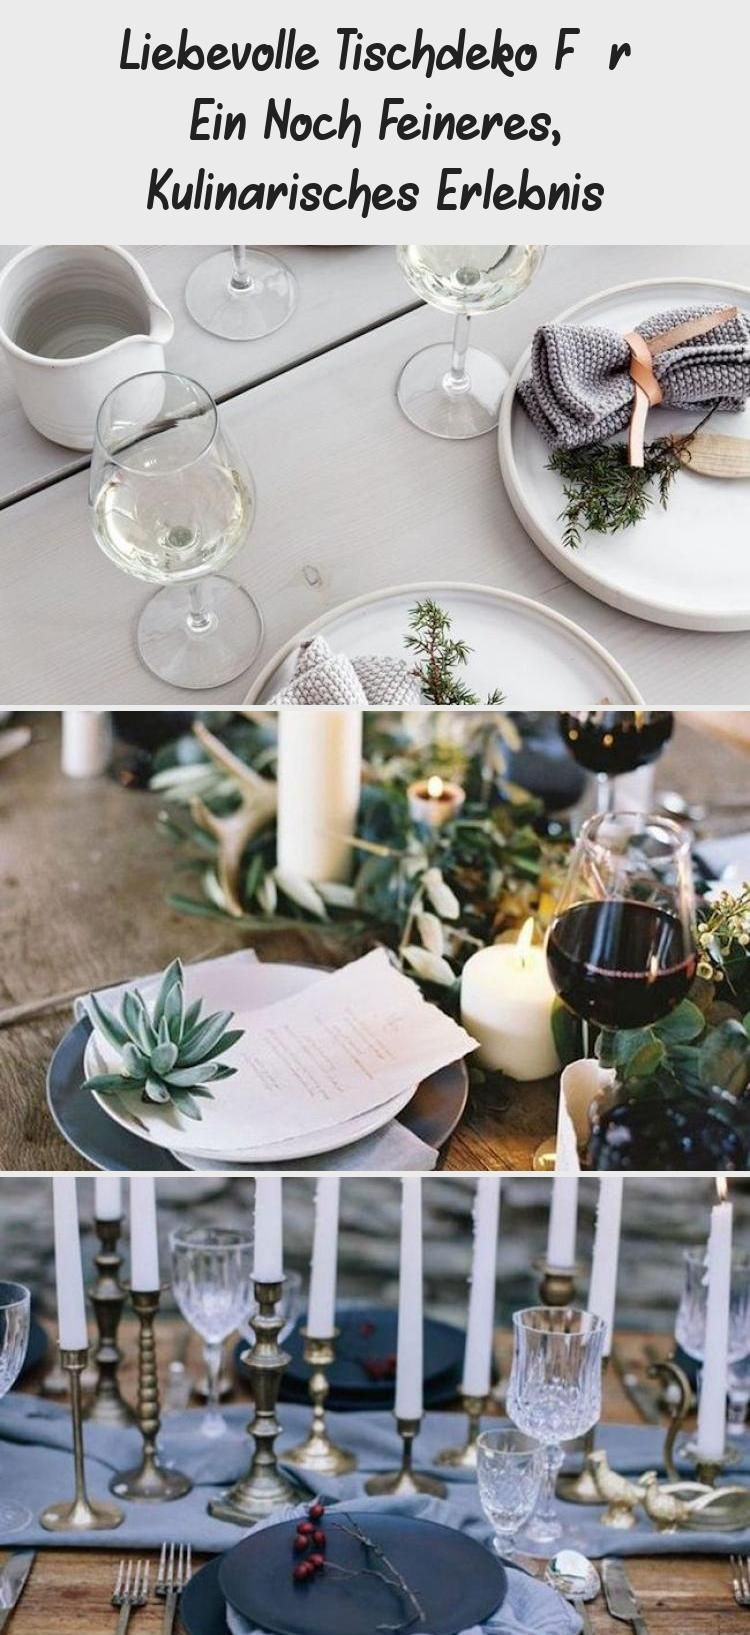 Photo of Liebevolle Tischdeko Für Ein Noch Feineres, Kulinarisches Erlebnis